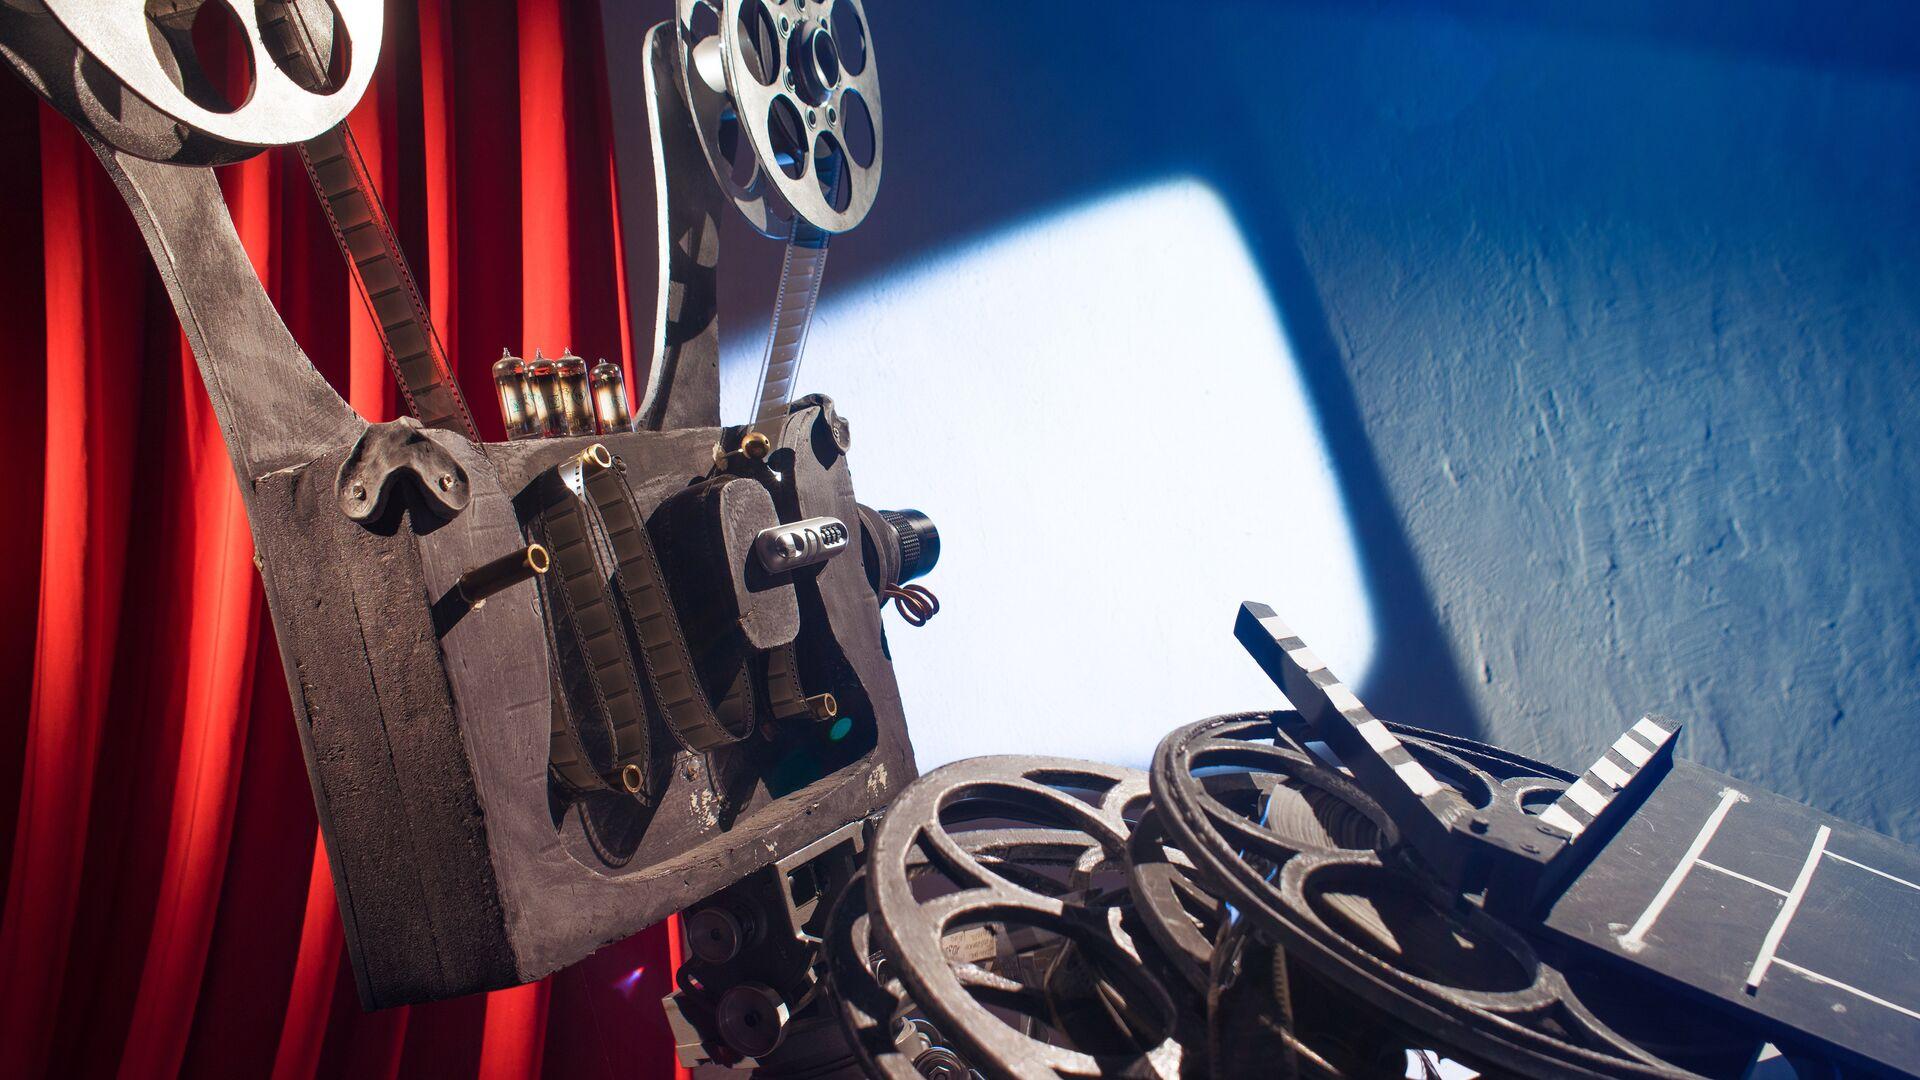 Эксперты насчитали миллионы тонн выбросов при производстве кино